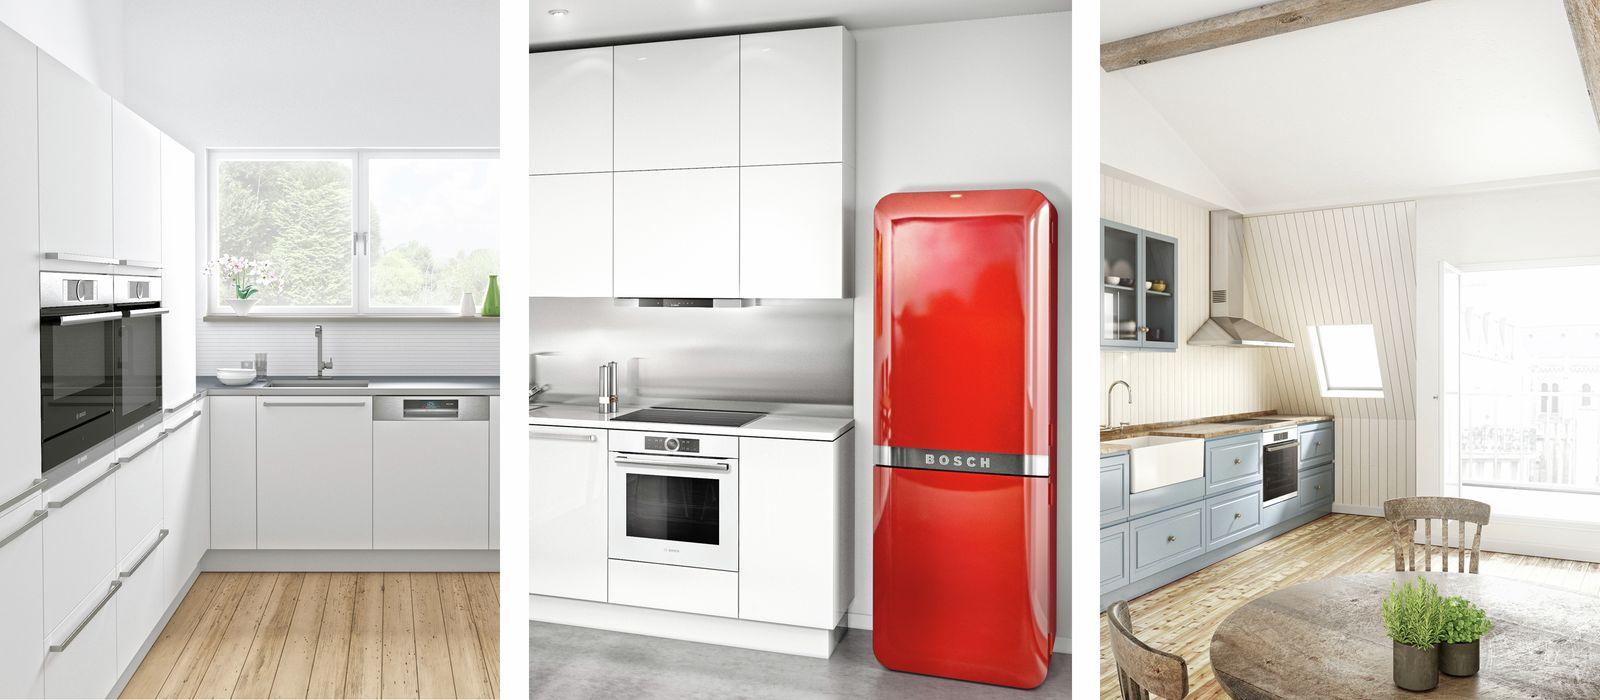 bosch kitchen island with drawers 博世厨房规划师 古典 现代 田园 您喜欢什么样的厨房 浏览最流行风格